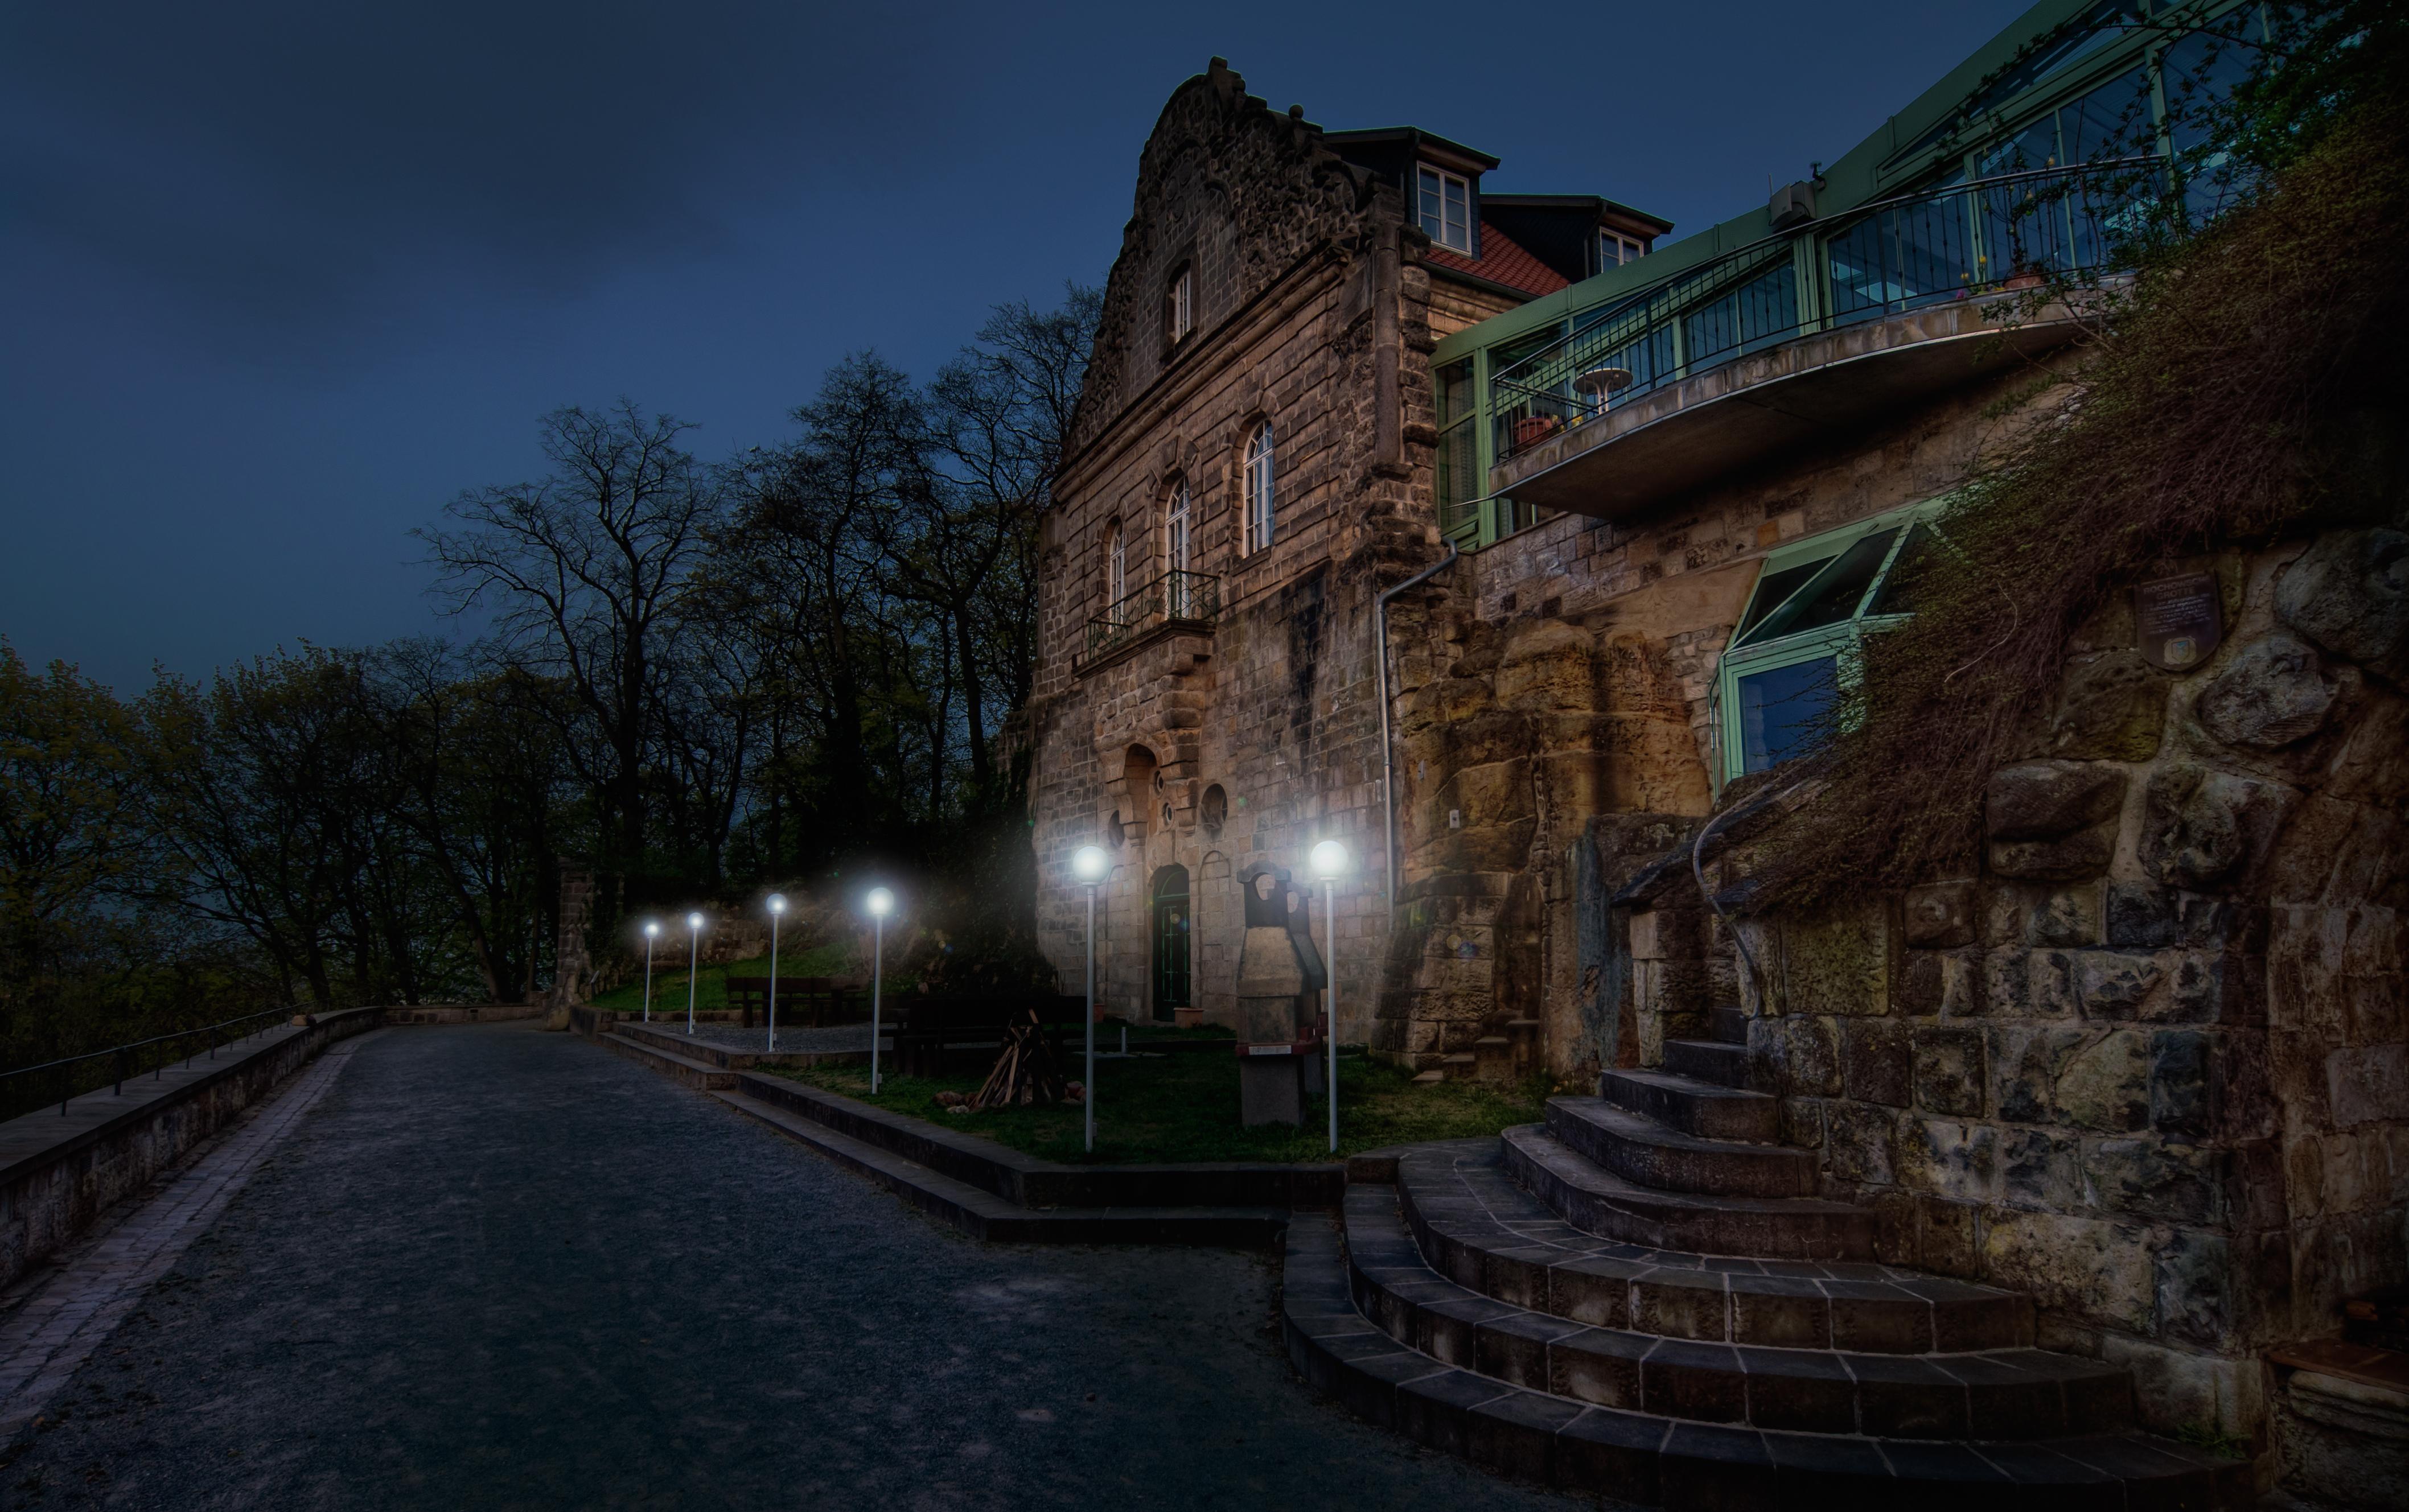 Jagdschloss von Halberstadt im Lampenschein.